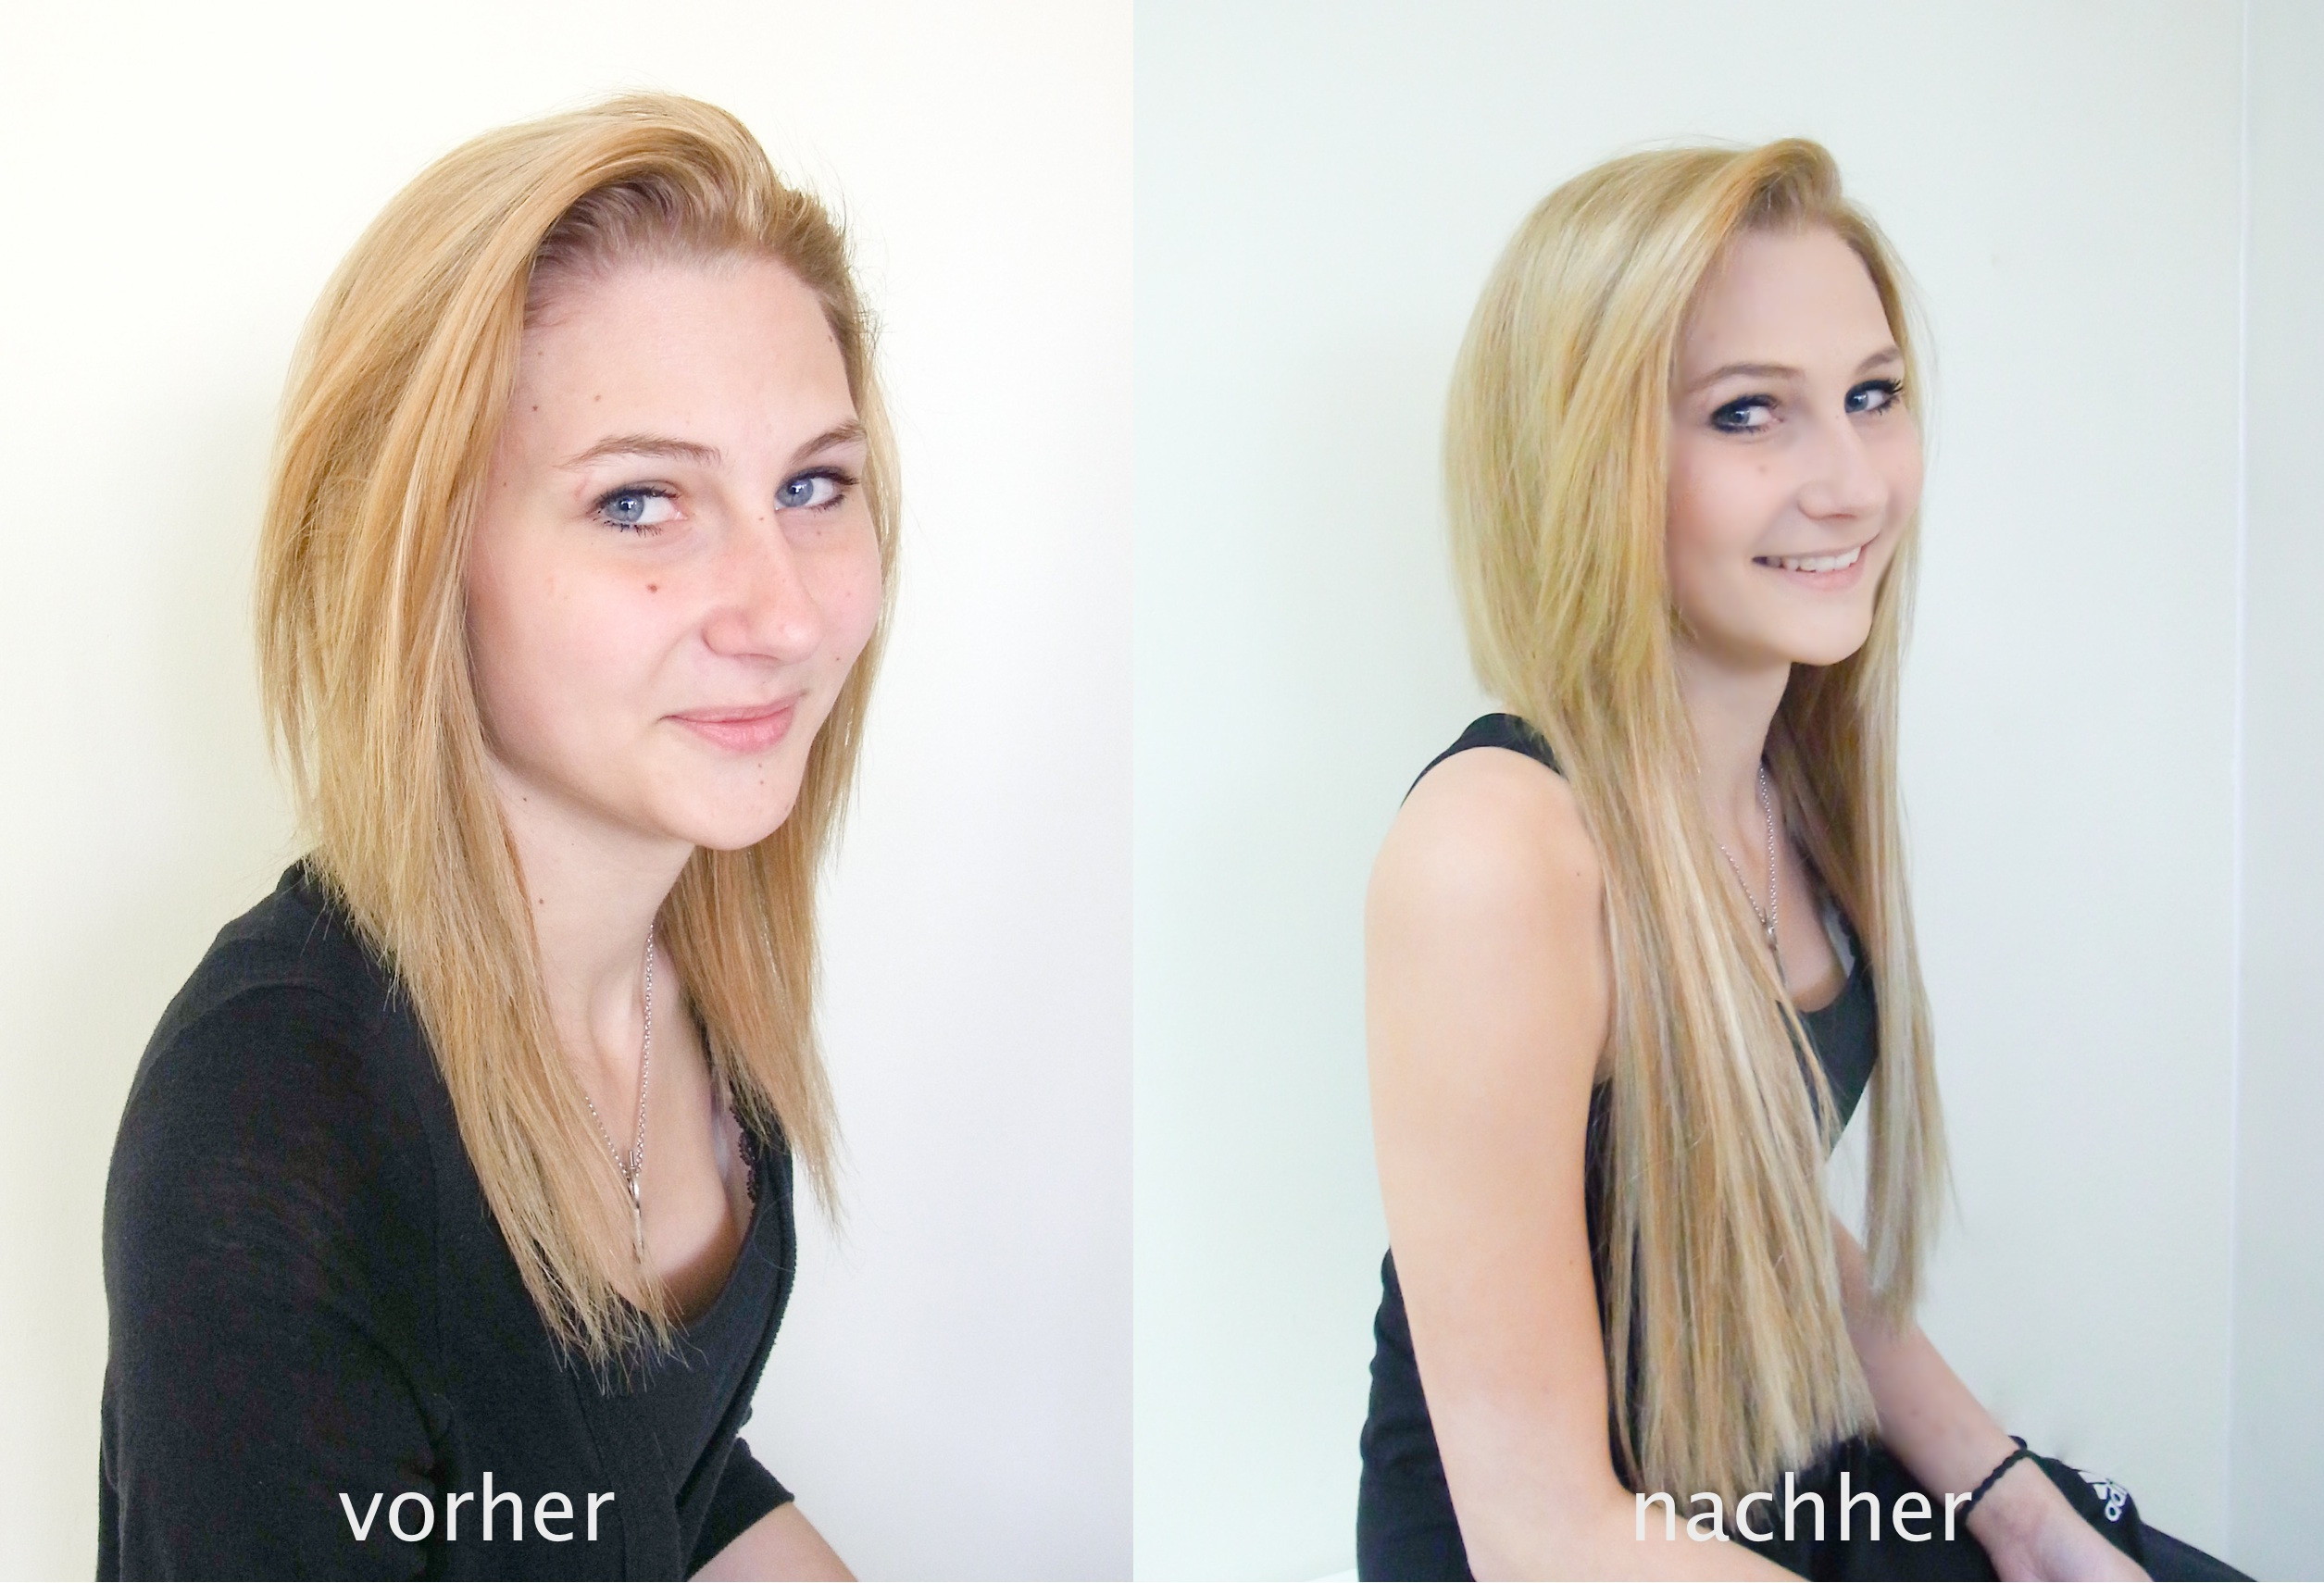 Frisuren Die Verjüngen Vorher Nachher  vorher nachher Haarverlängerung Vorher Nachher